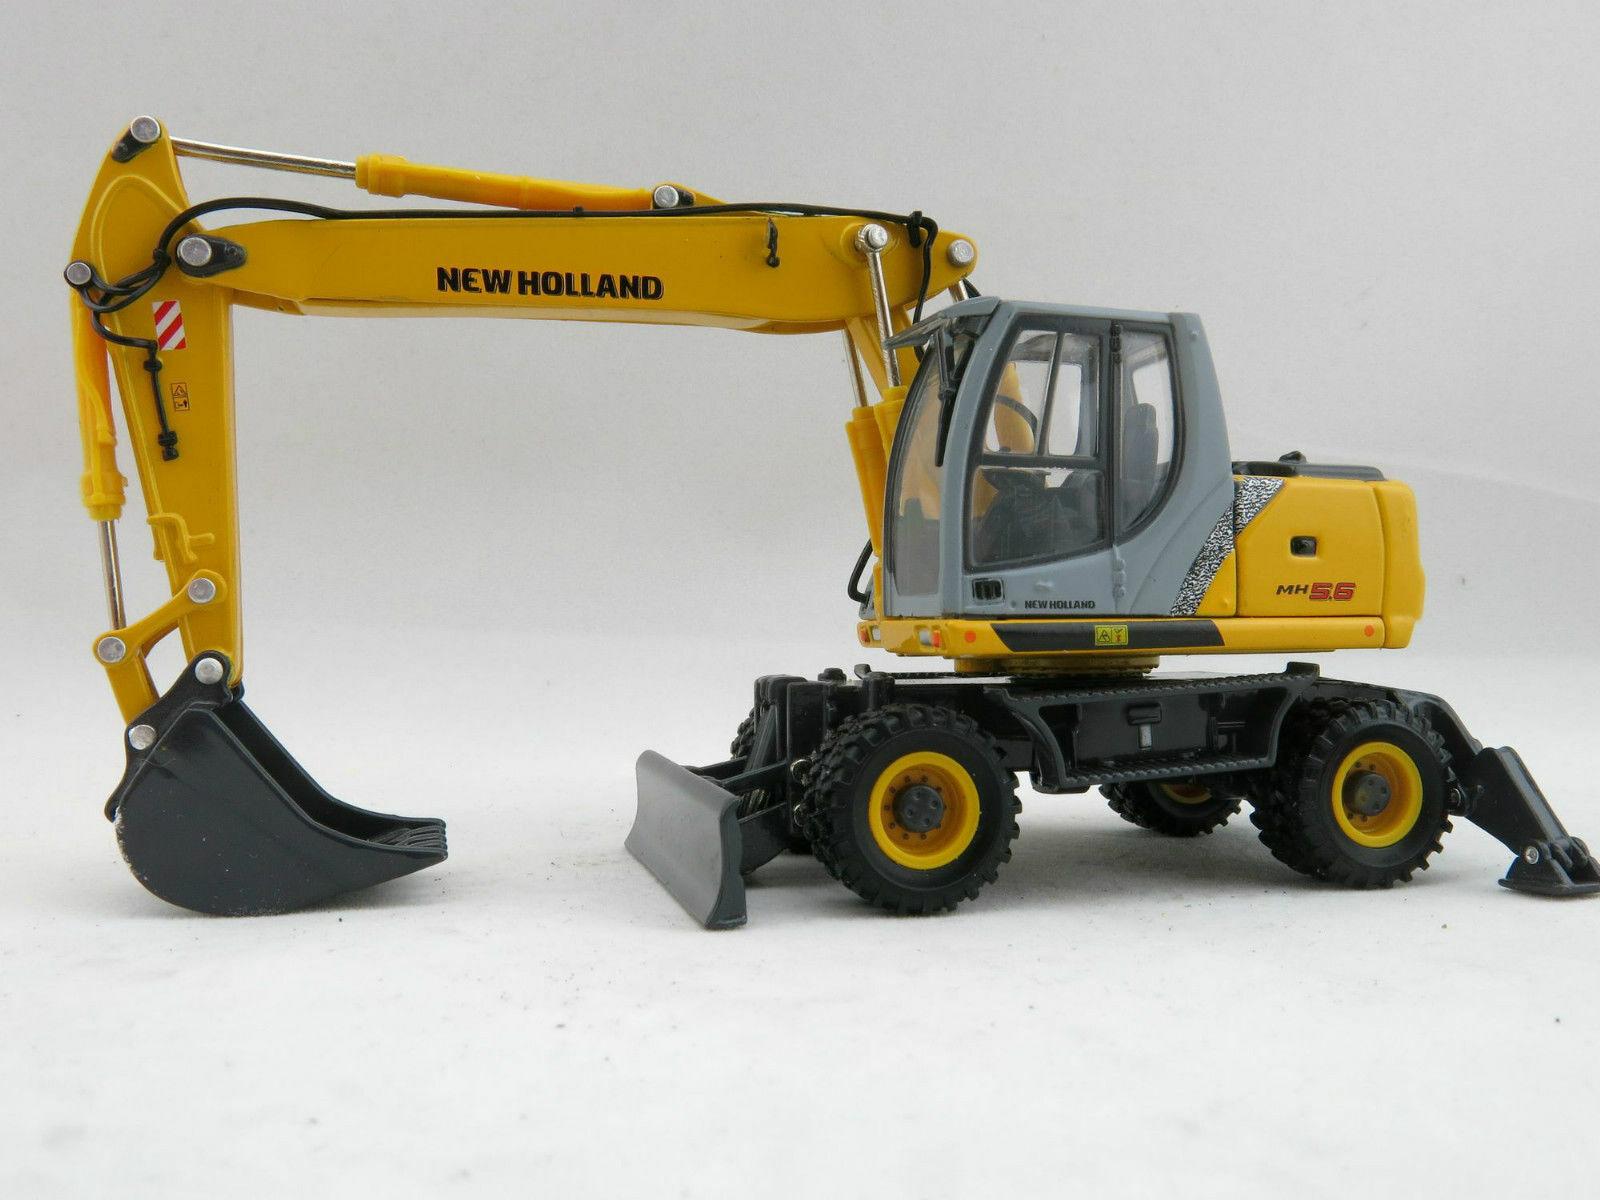 ROS 1 50 MODELLO DIE CAST  ESCAVATORE GOMMATO NEW HOLLAND MH5.6    ART 001916